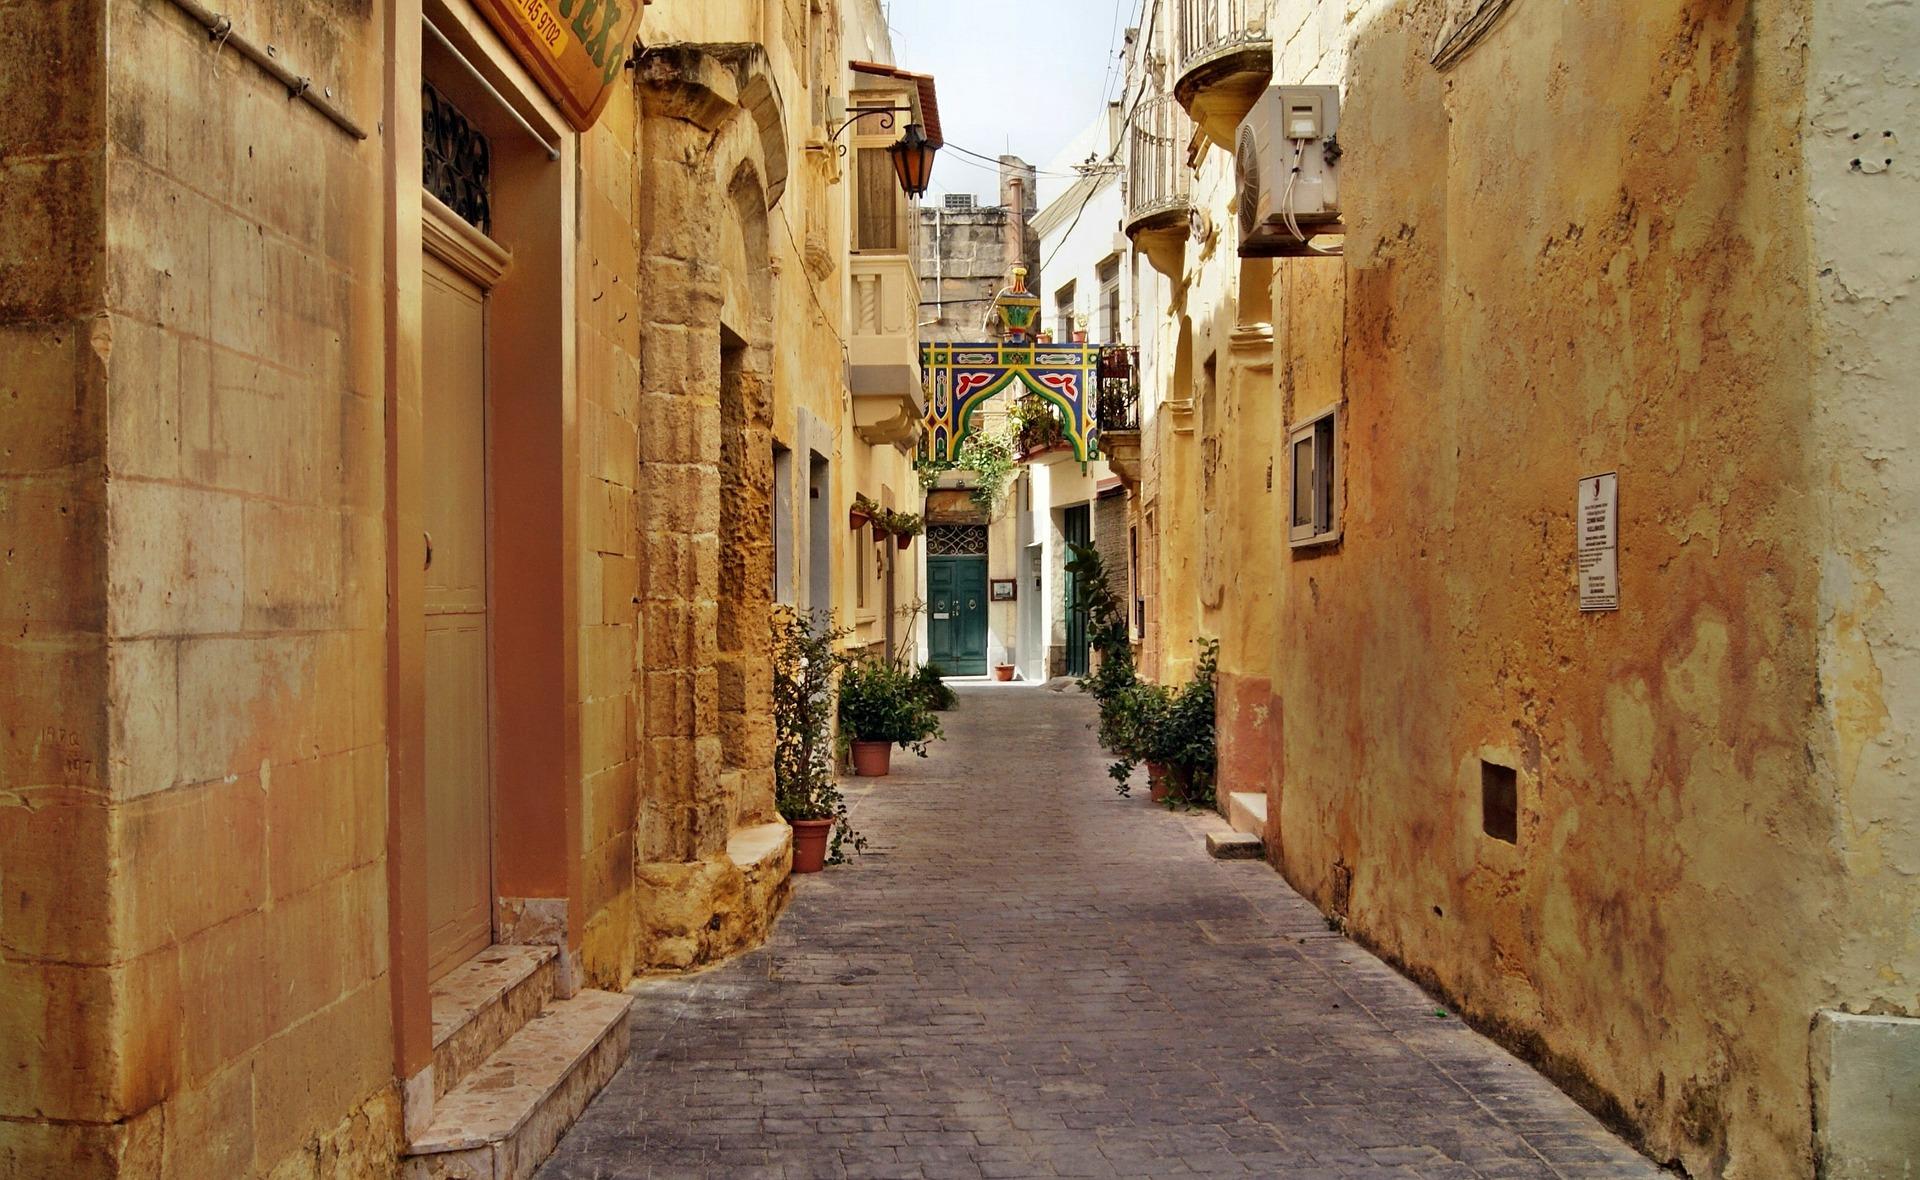 la valletta capitale europea della cultura - centro storico